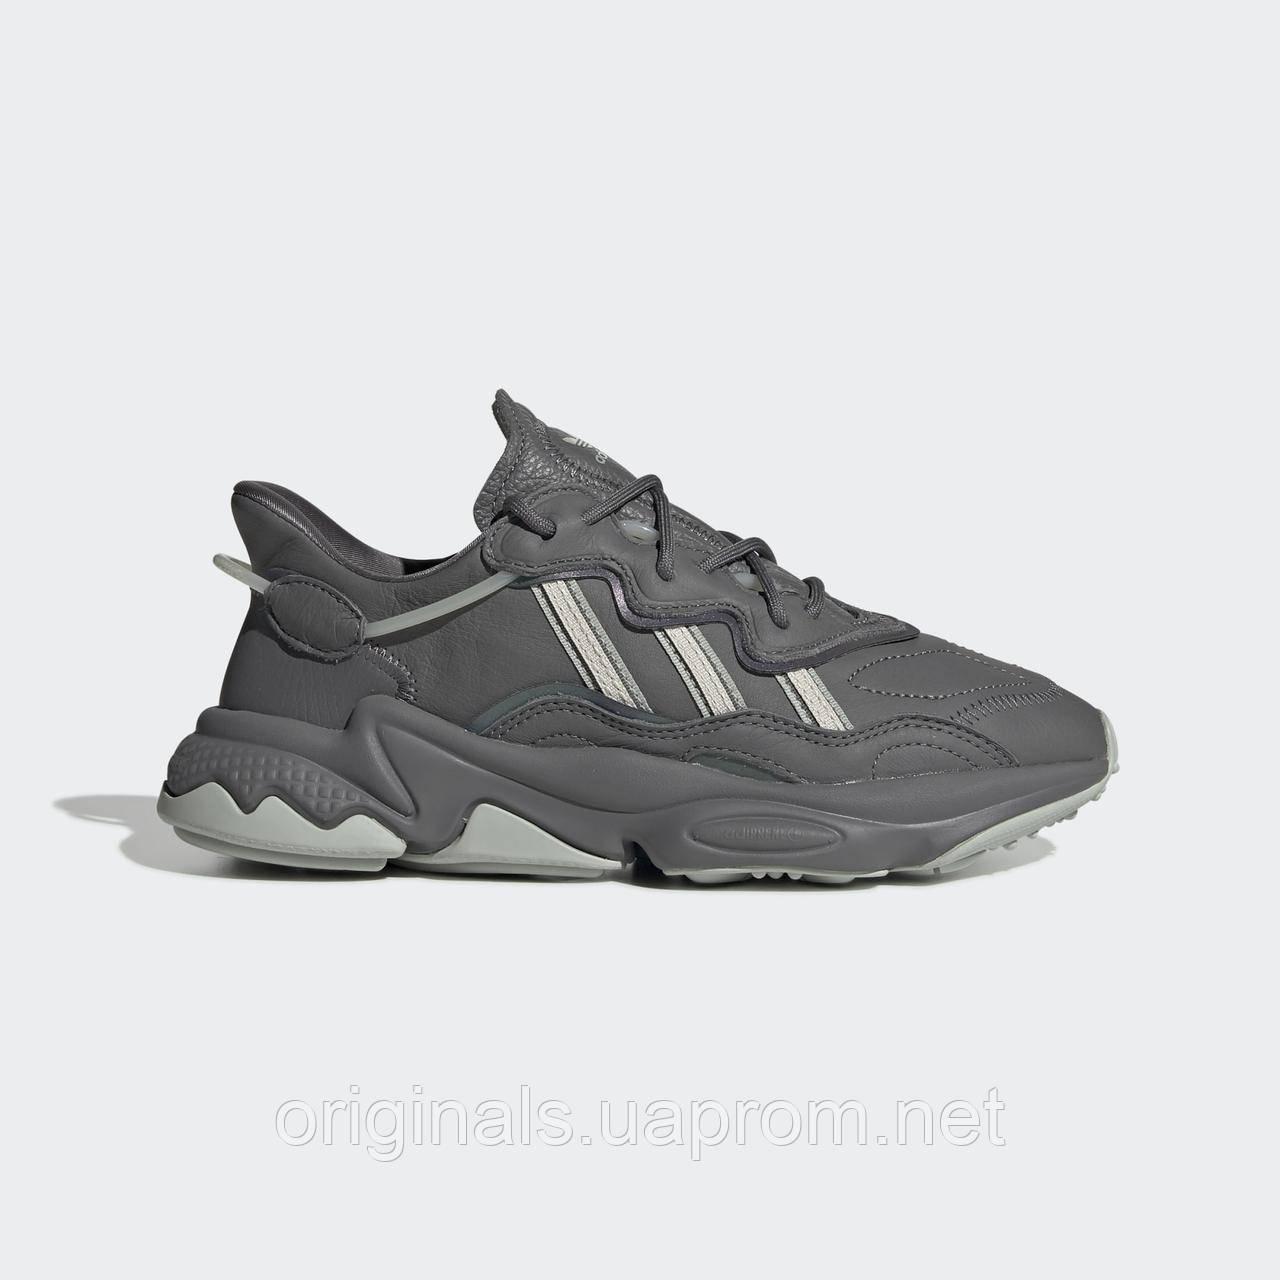 Женские кроссовки Adidas OZWEEGO EE5718